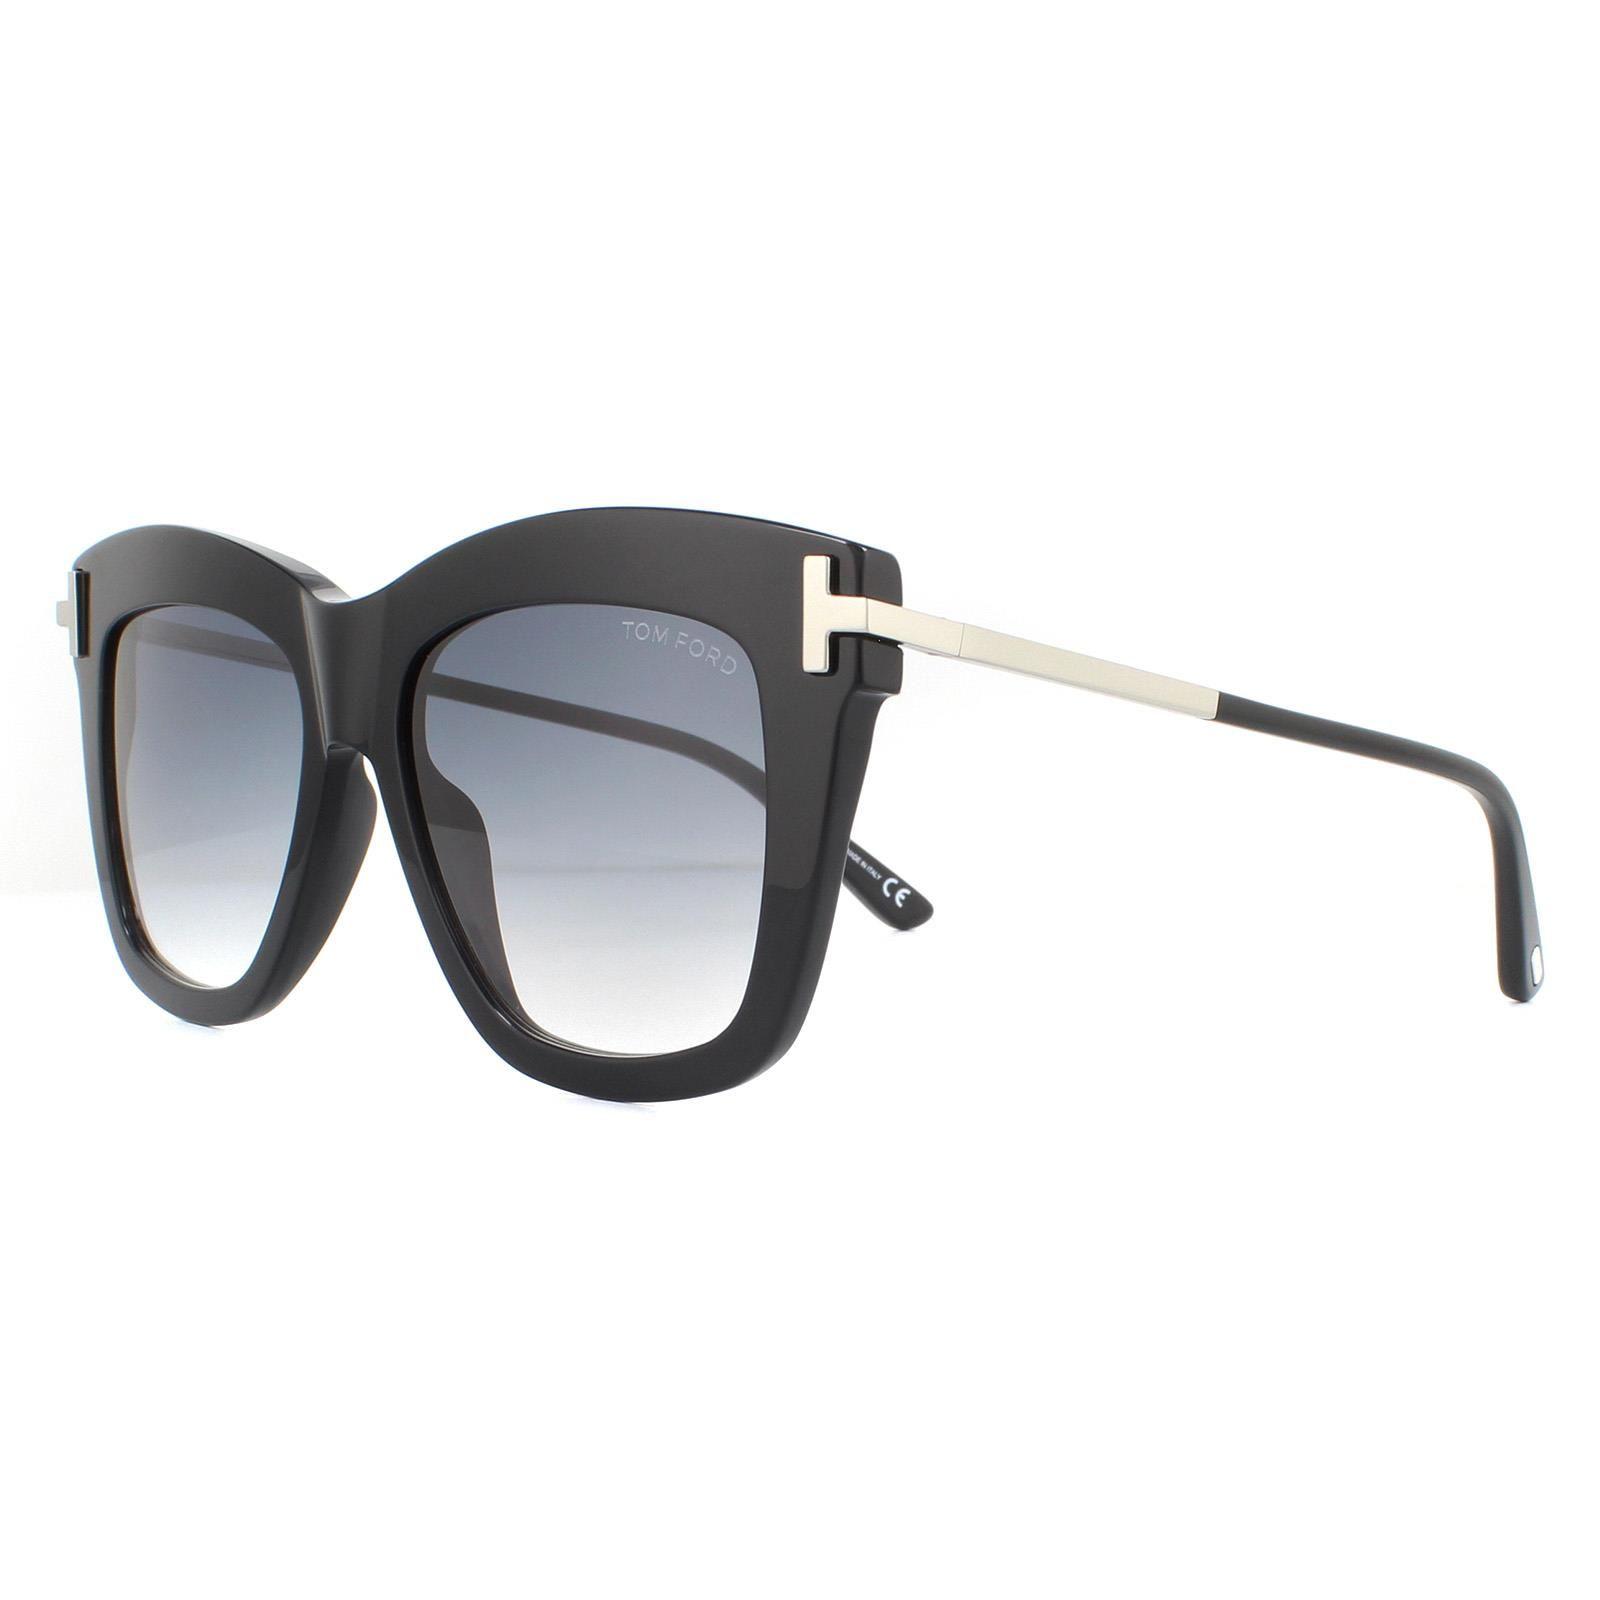 Tom Ford Sunglasses Dasha FT0822 01B Shiny Black Smoke Gradient